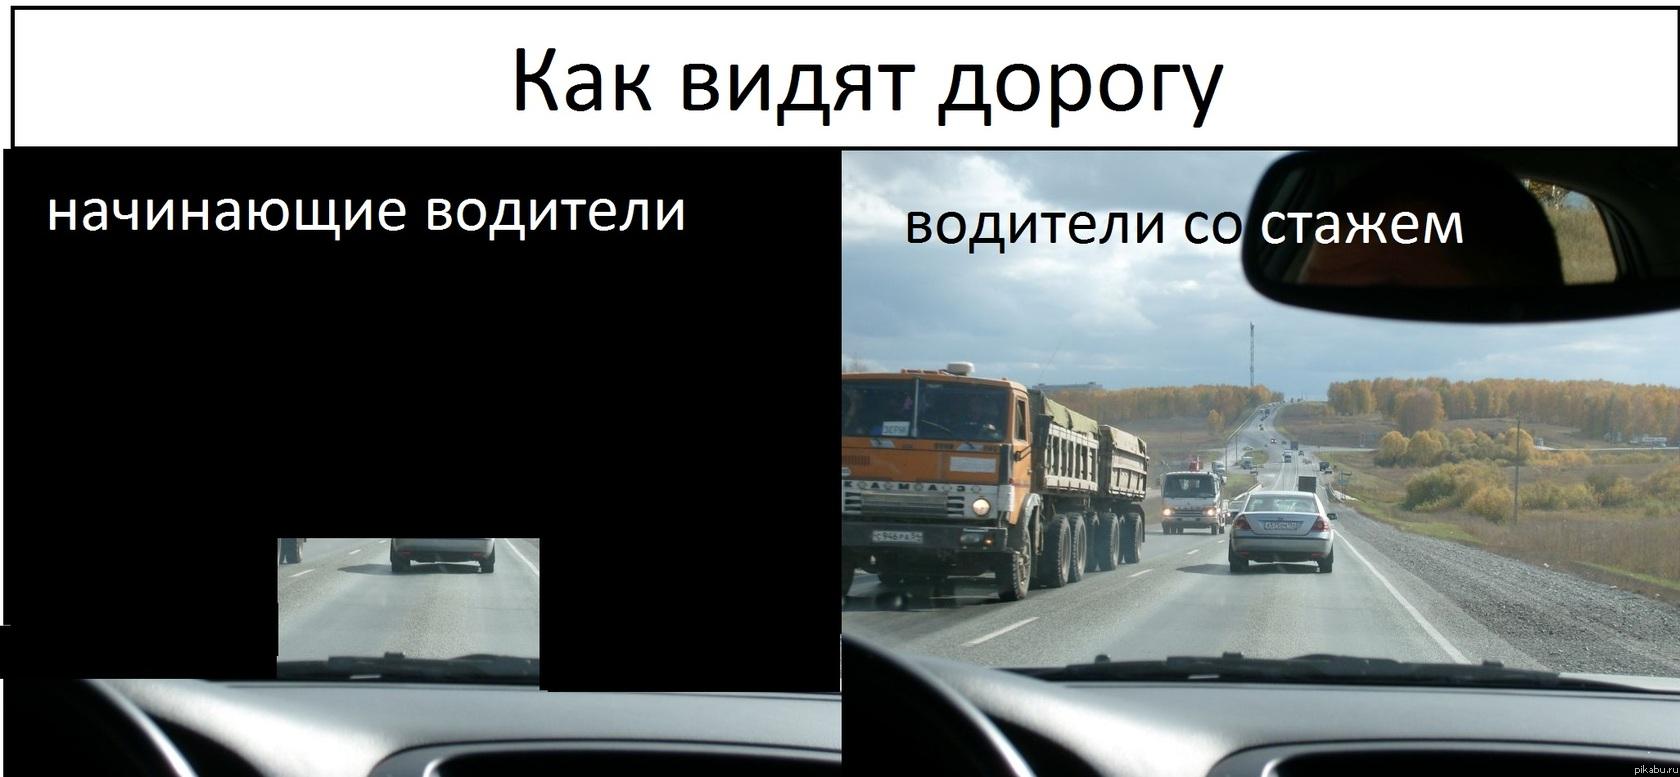 День водителя шутки и смешные картинки (2)